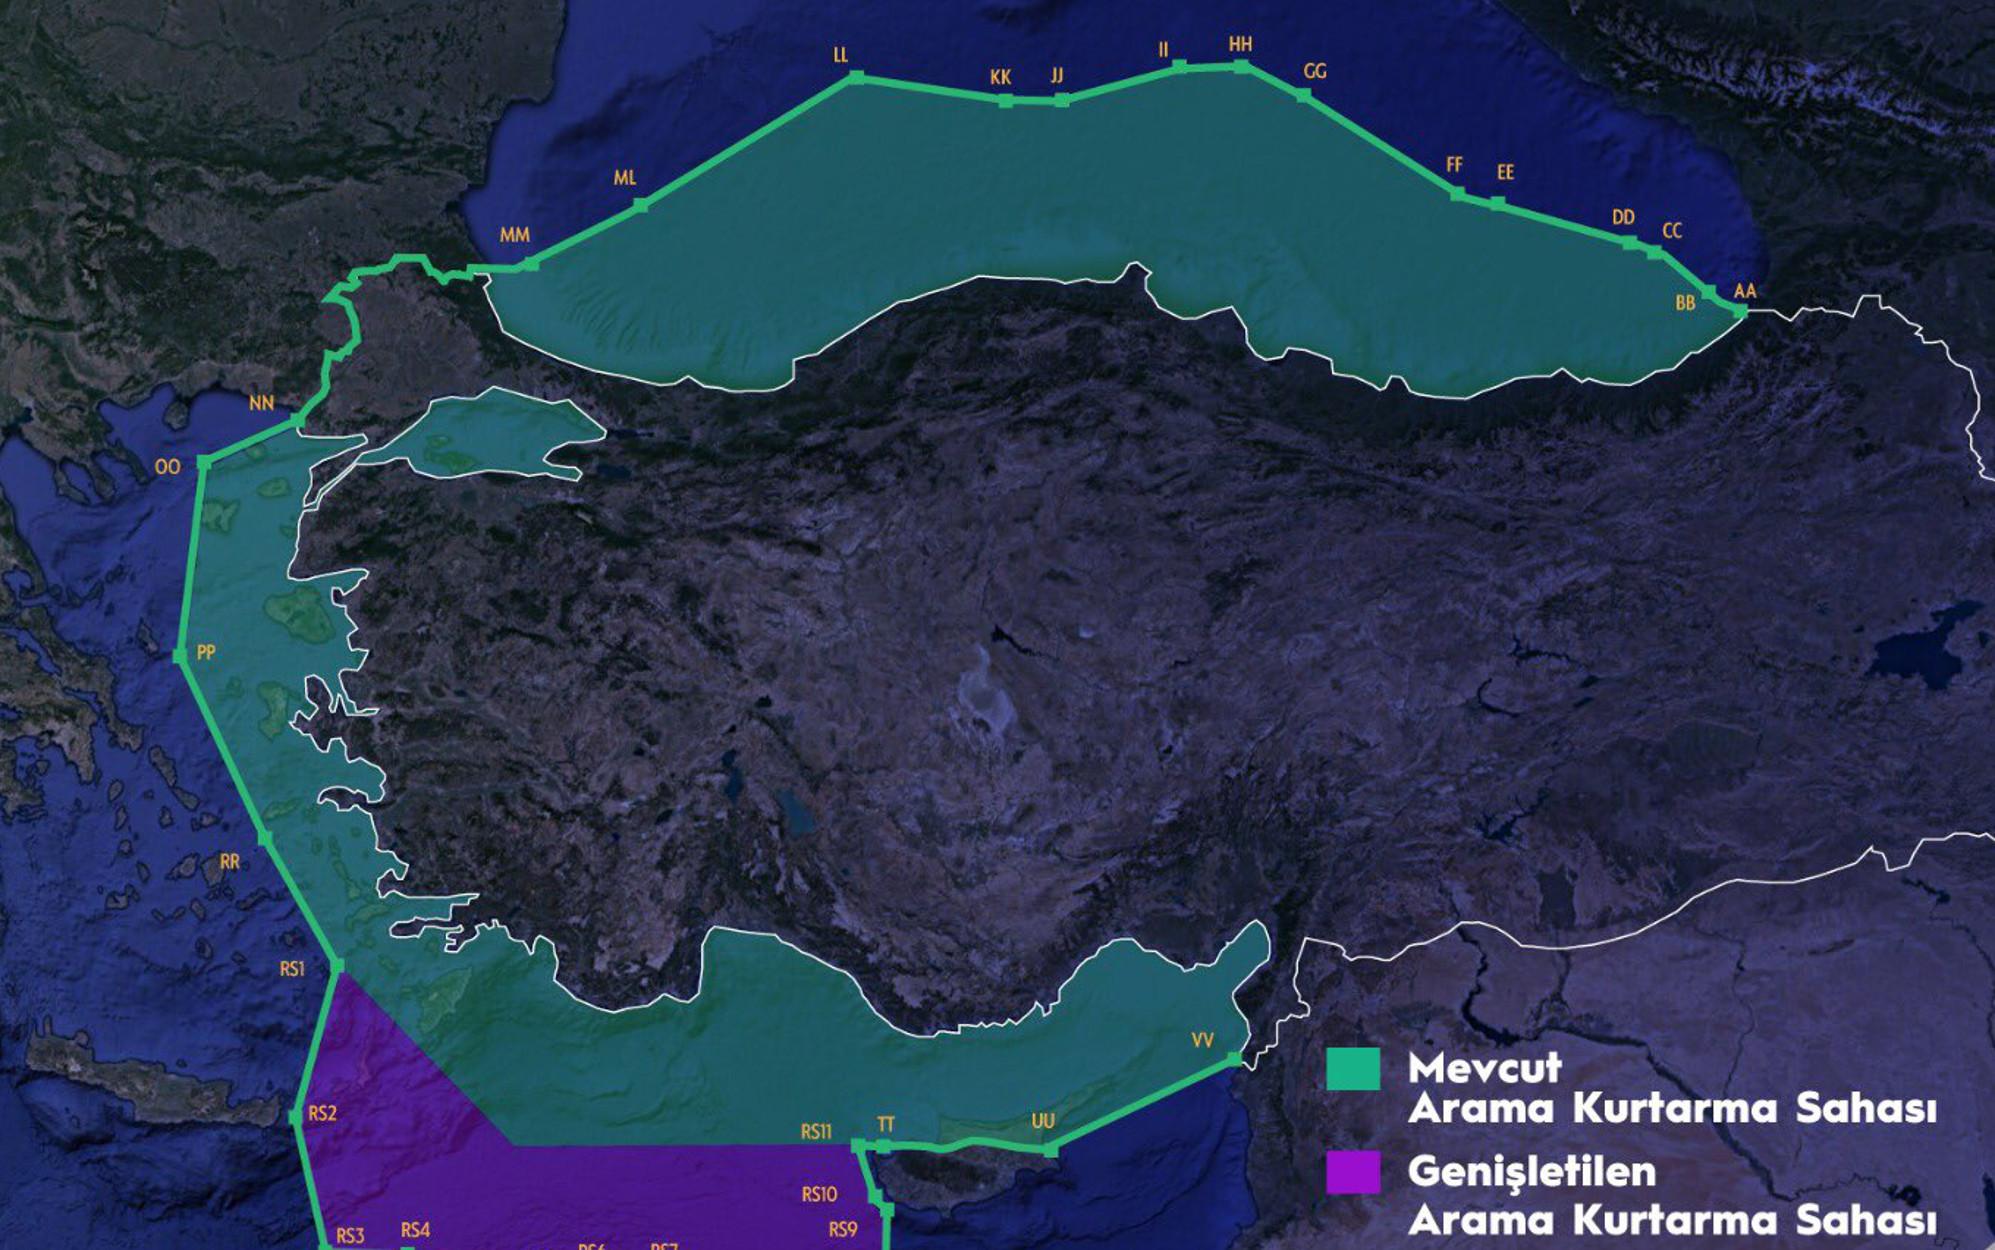 Απίστευτη πρόκληση! Η Τουρκία με νέο χάρτη διεκδικεί το μισό Αιγαίο – ΥΠΕΞ: Βάζουν σε κίνδυνο ανθρώπινες ζωές (pic)